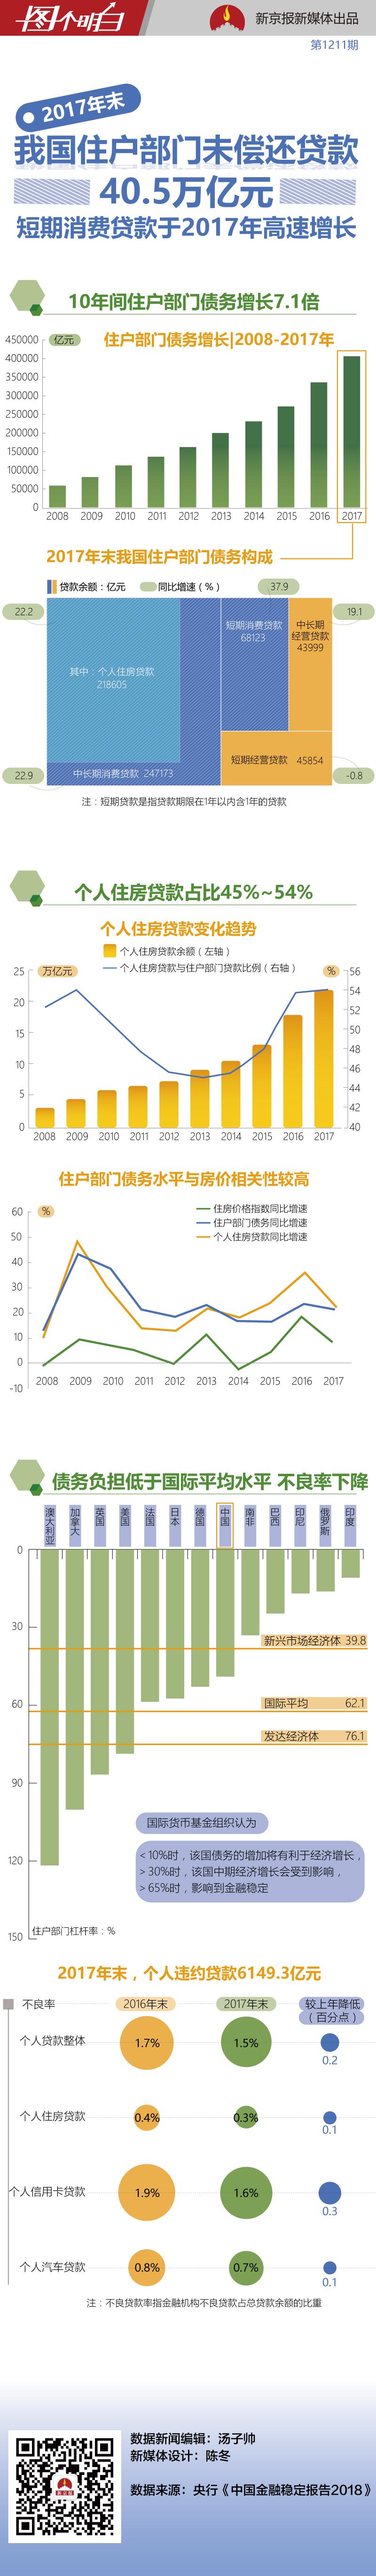 10年住户部门贷款余额增长7.1倍 房贷占了一半